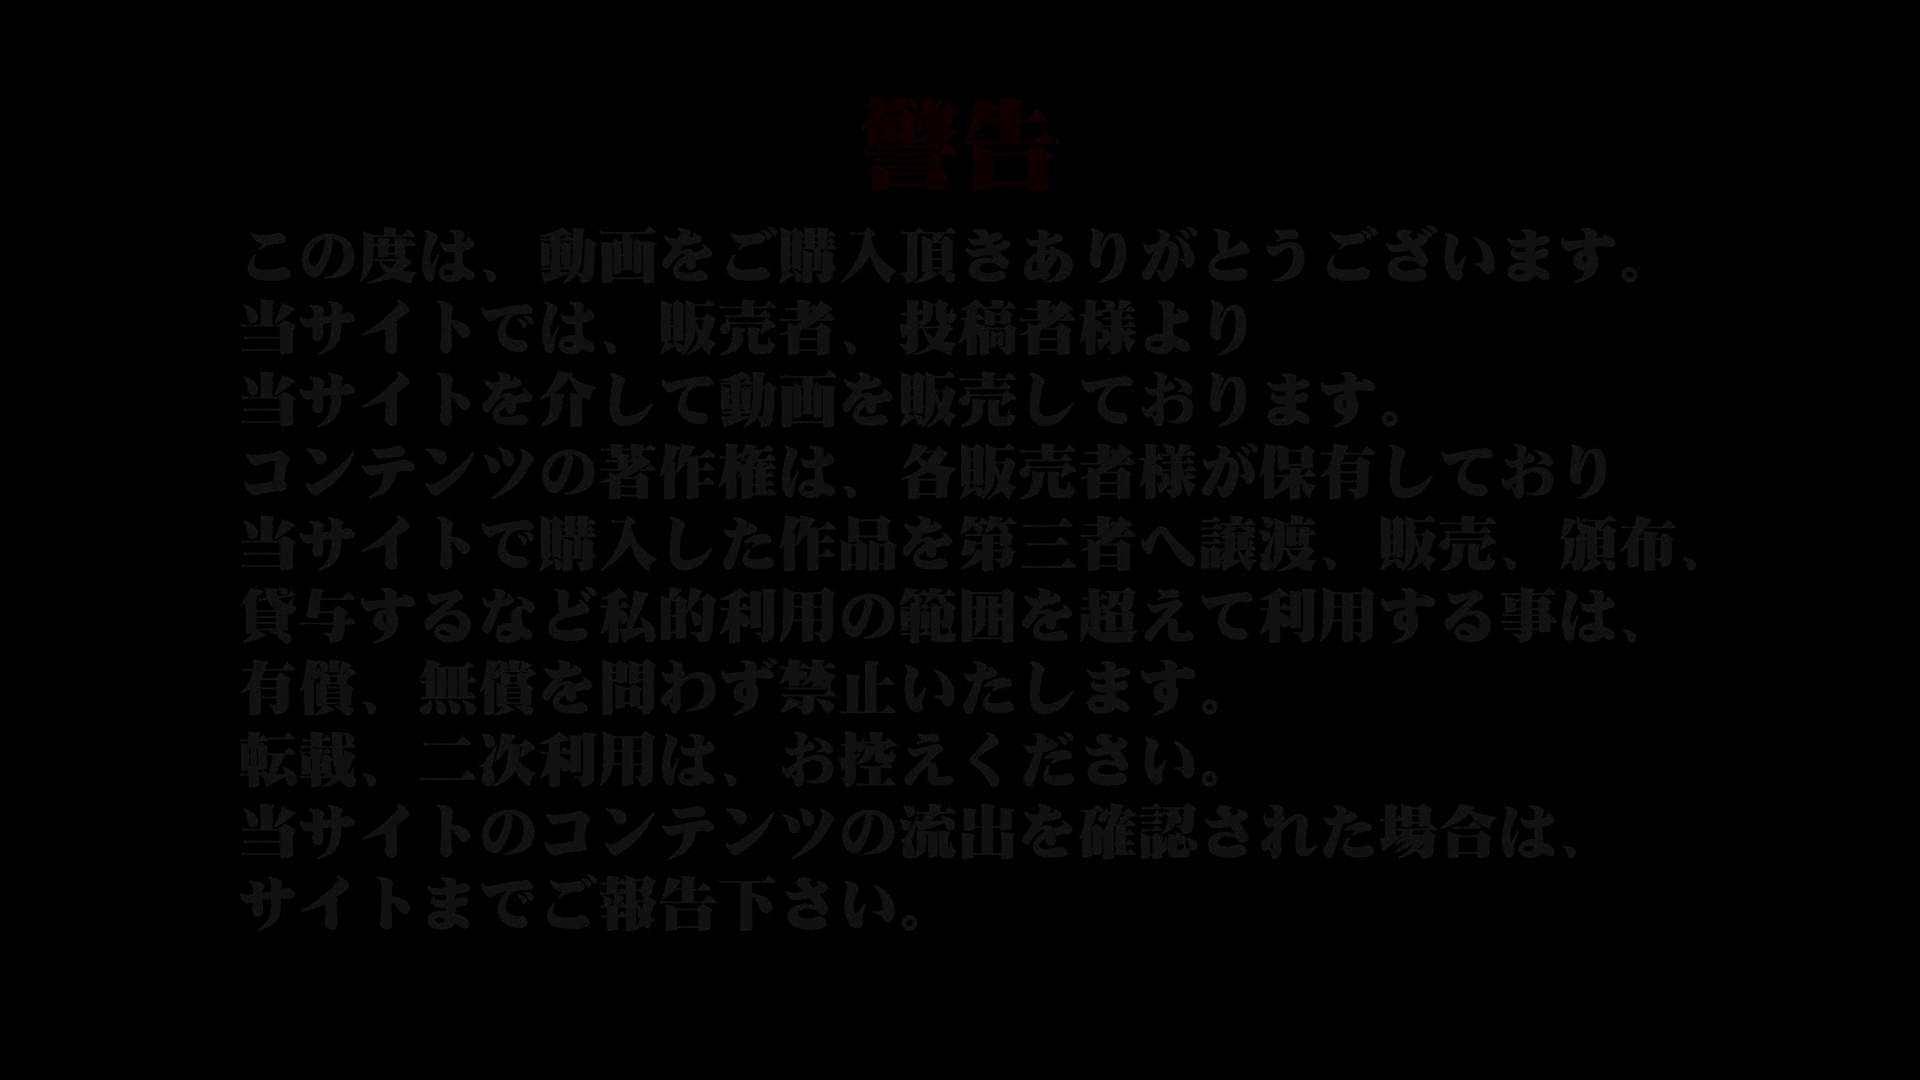 飛び出す黄金水!!!アトレ潜入 かわや盗撮 vol.02 オマンコもろ AV無料動画キャプチャ 108PIX 3